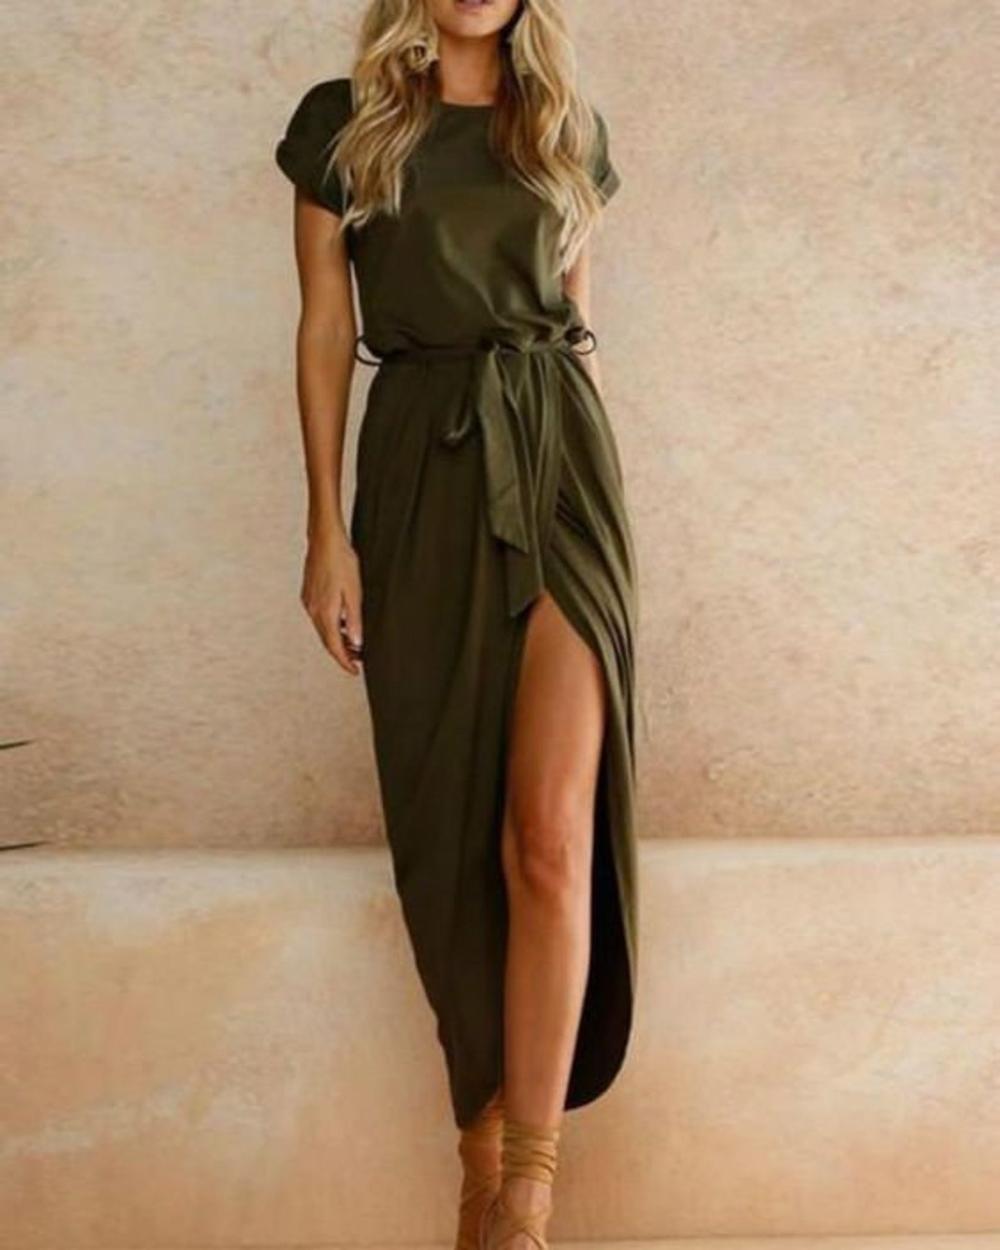 Bridesmaid Dresses Midi Dress Wrap Dresses Maxi Summer Etsy Maxi Dresses Casual Solid Maxi Dress Fashion [ 1250 x 1000 Pixel ]